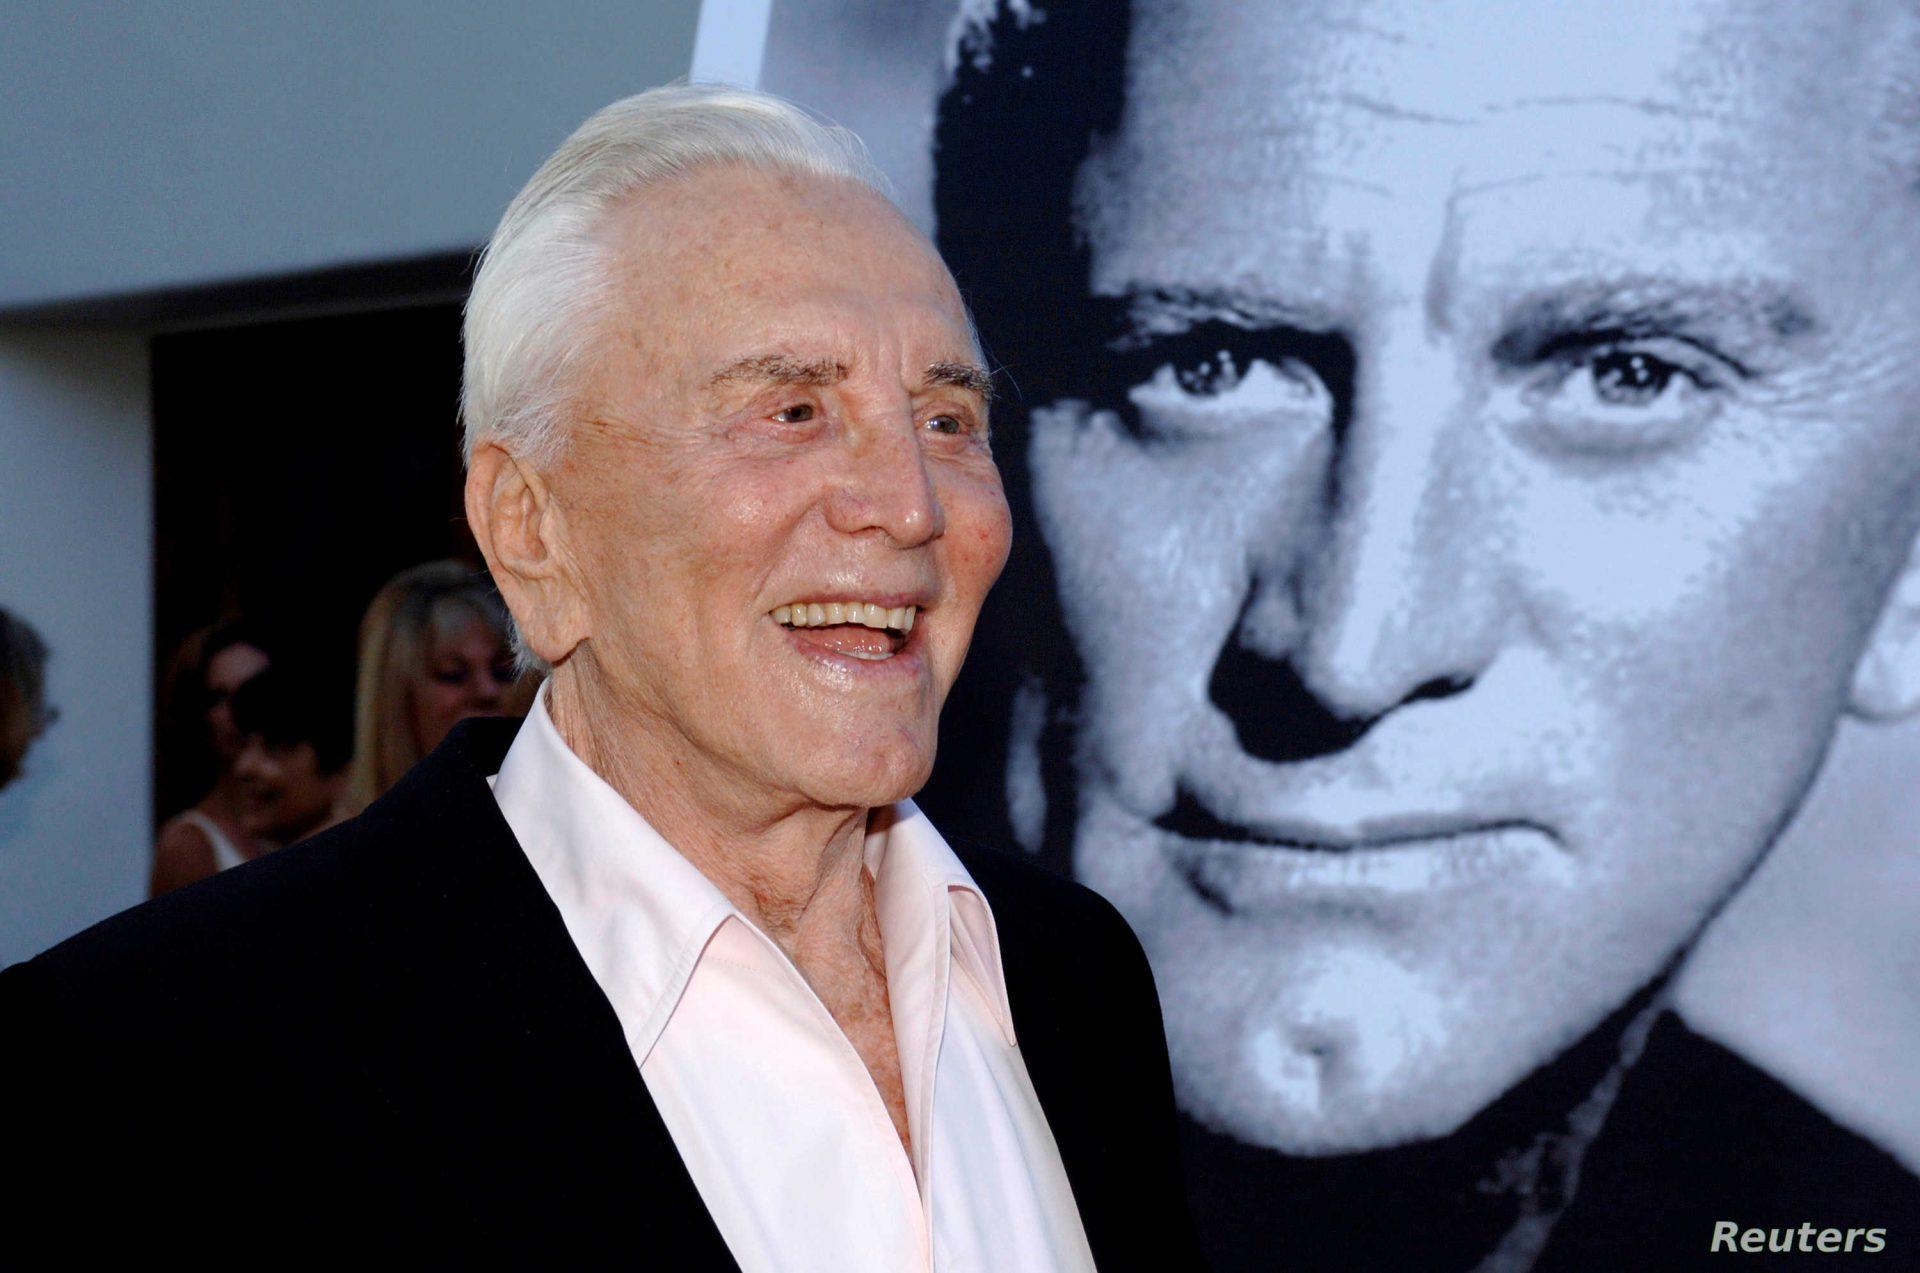 Kirk Douglas, legendarul actor de la Hollywood, a murit la vârsta de 103 ani